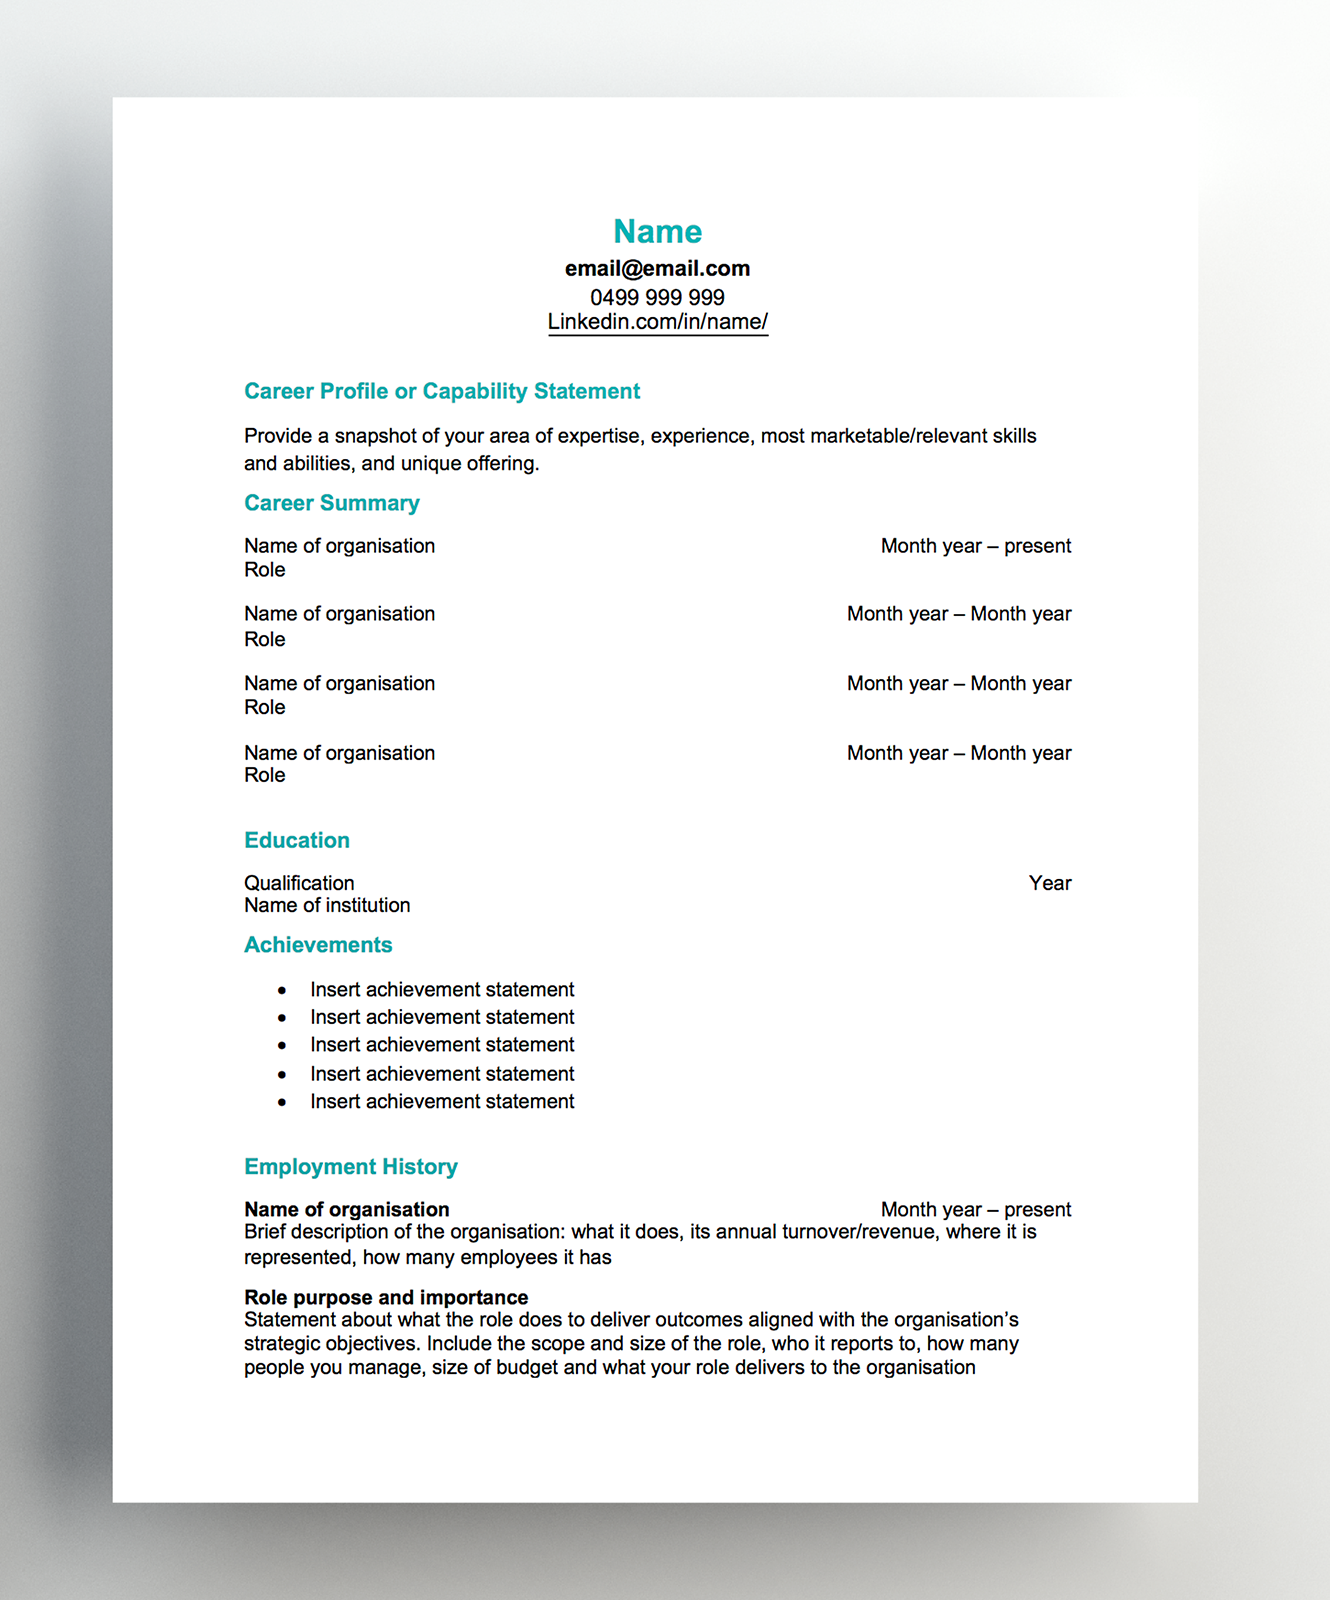 resume template 2019 singapore  Free resume templates - resume template 2019 singapore